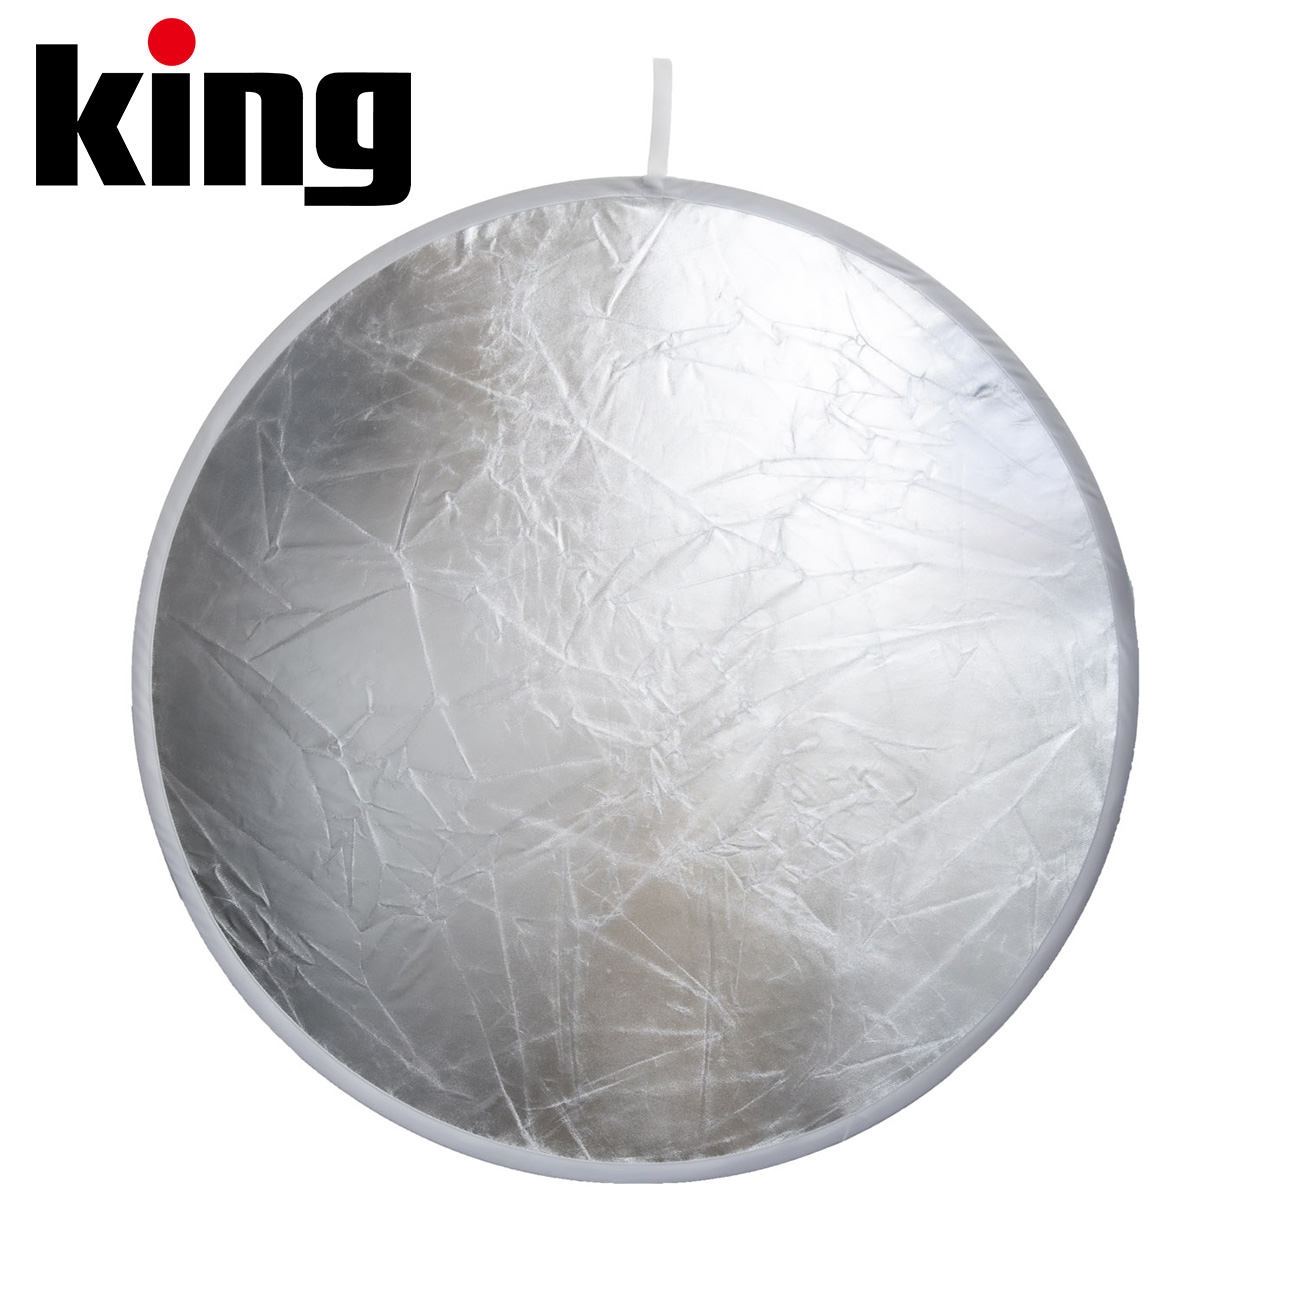 【新製品】King レフ板 (白枠仕様) シリーズ 新発売のご案内